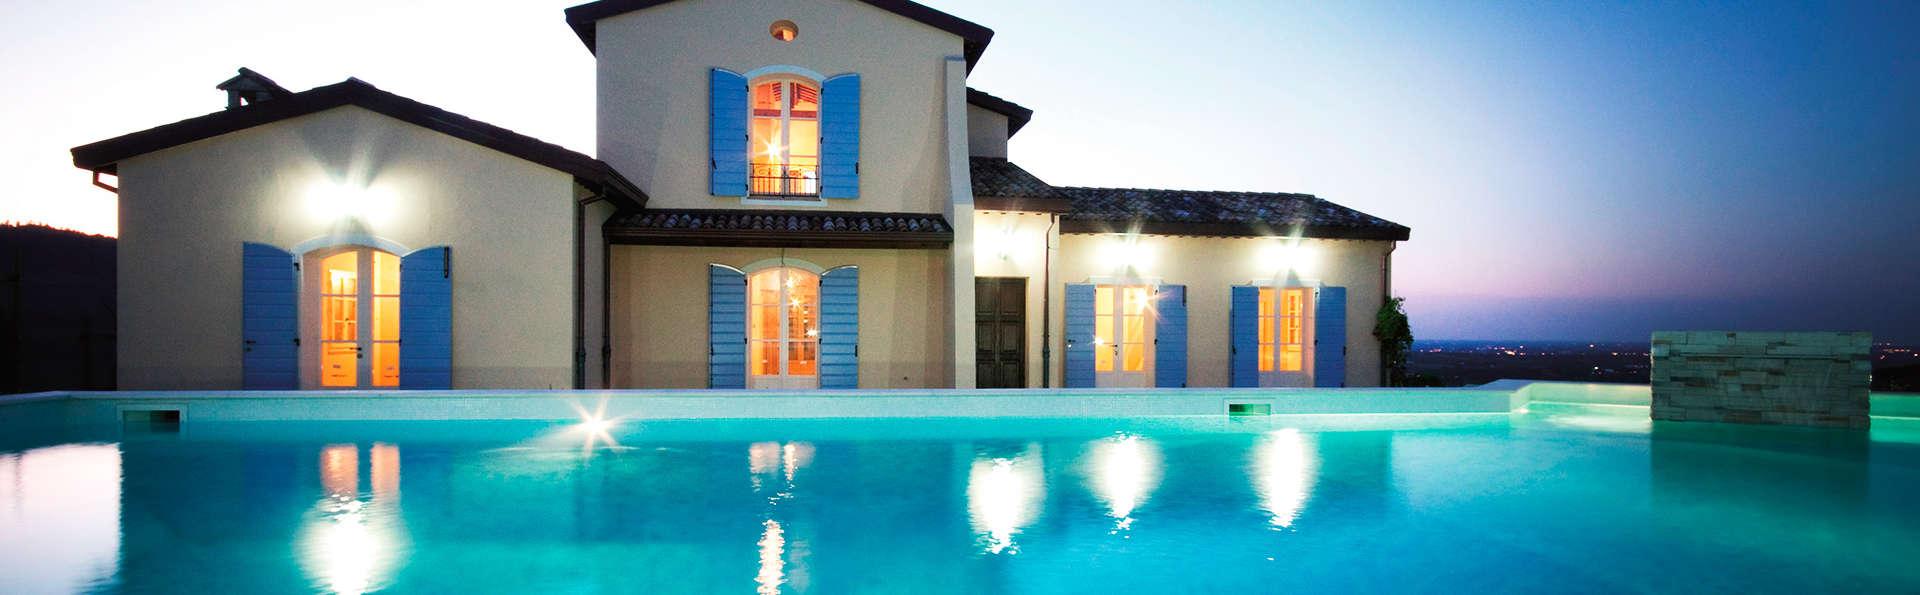 Approfitta di questa offerta in Romagna da 2 notti con cena inclusa!